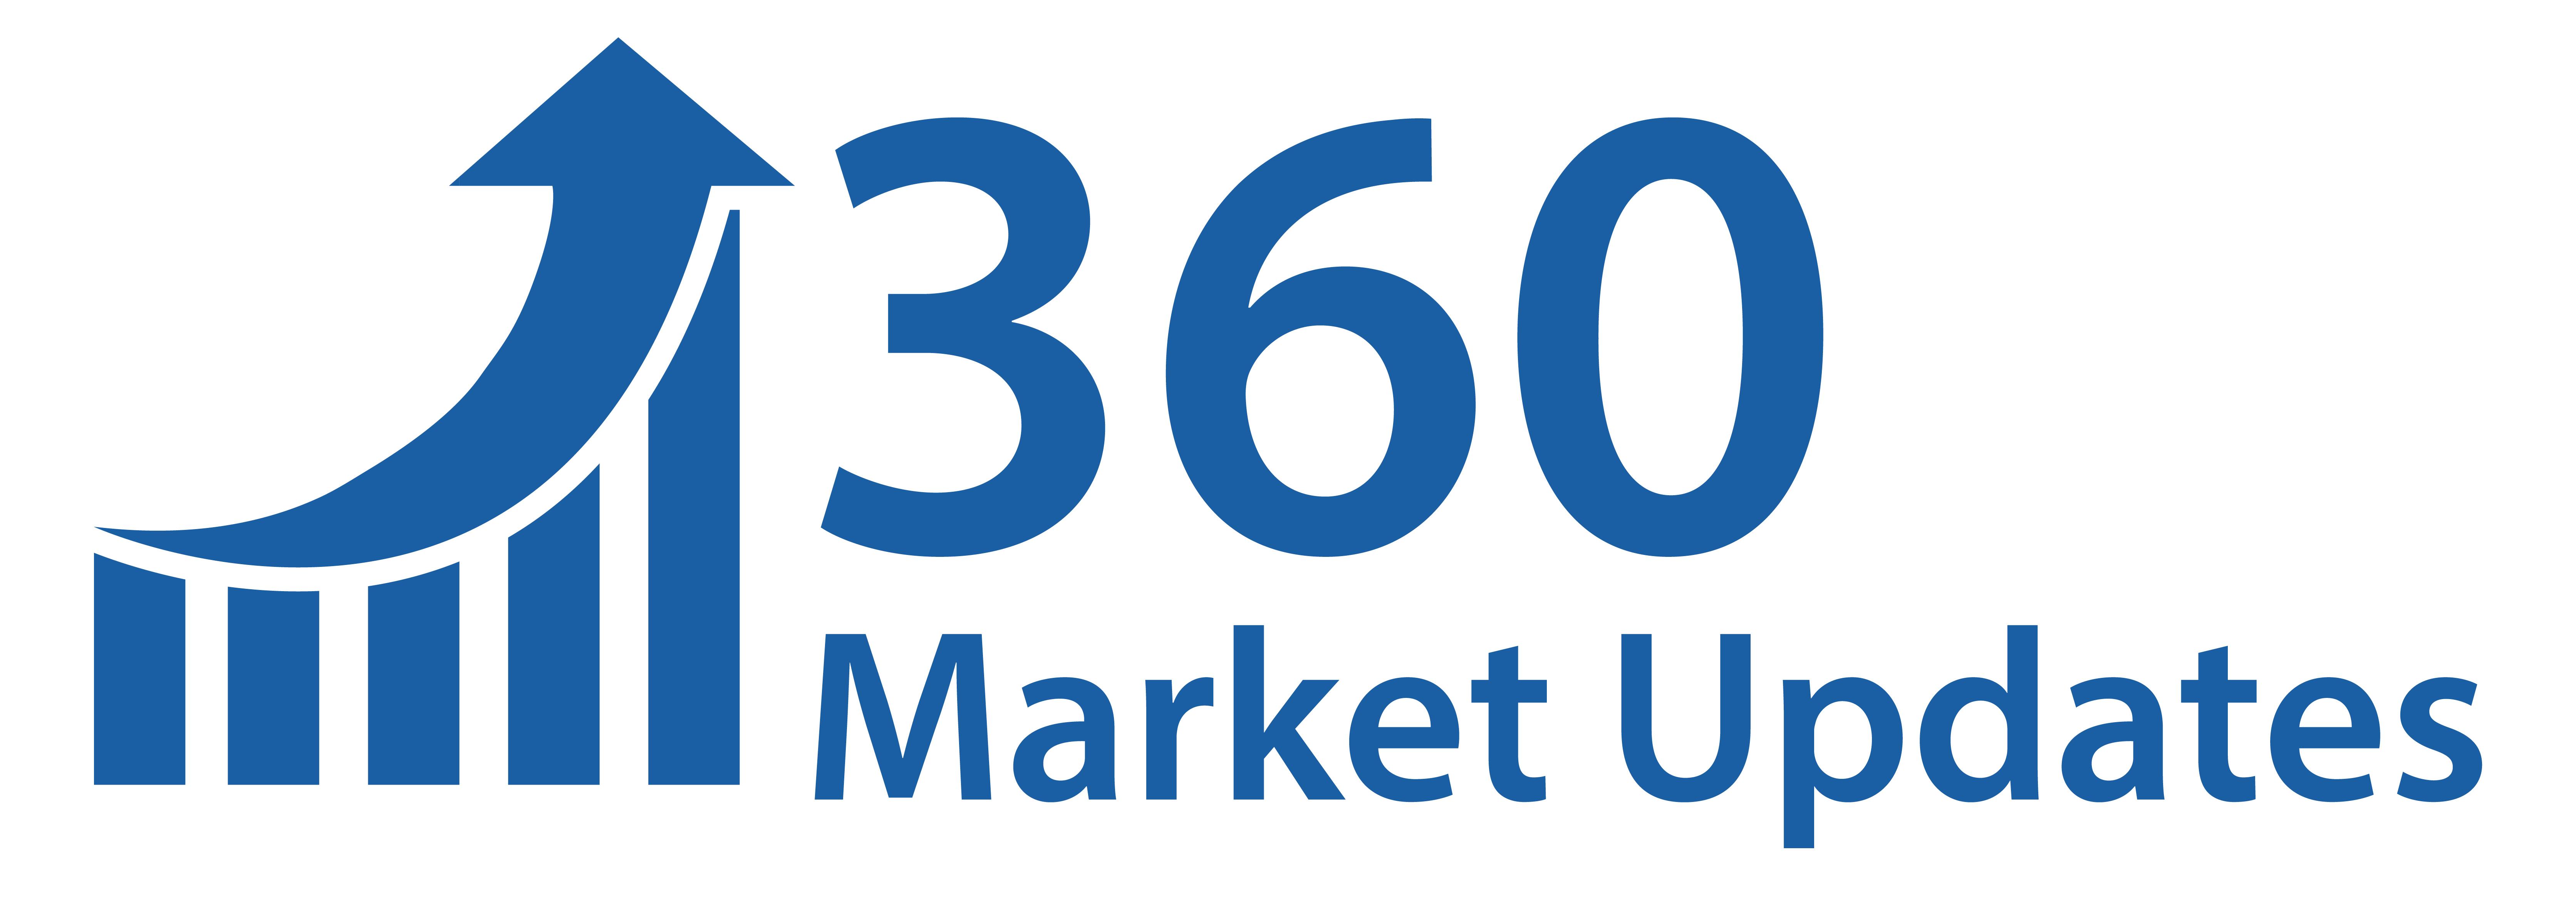 Segmentación geográfica del mercado de equipos de deportes aéreos y comparación regional por actores clave incluidos en bienes de consumo y prendas de vestir, sector de productos de ocio 2023